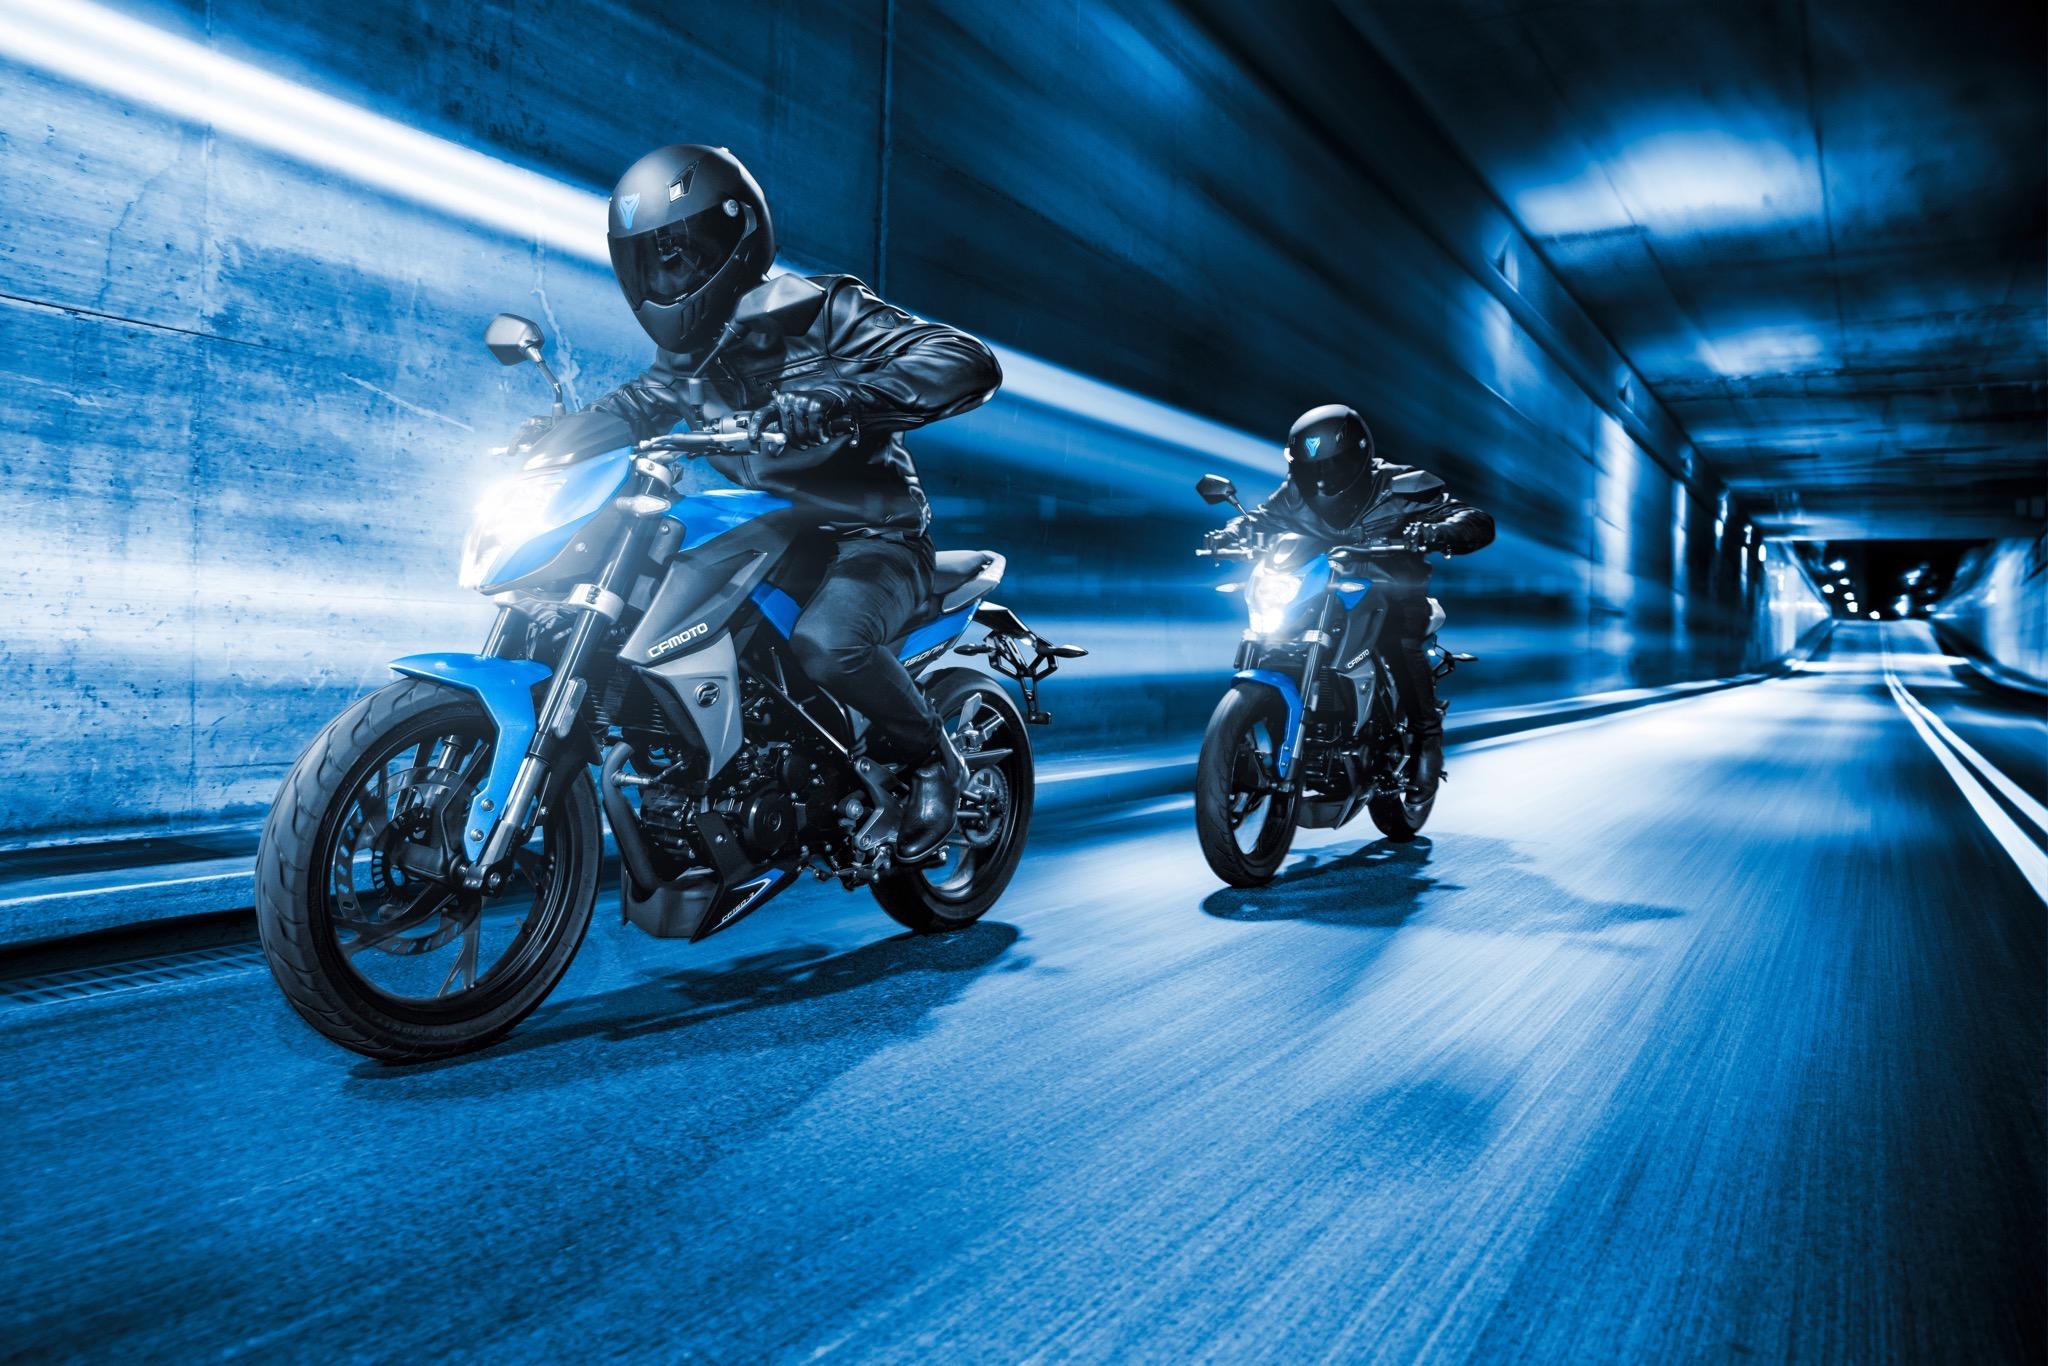 Правила езды на мотоцикле группой